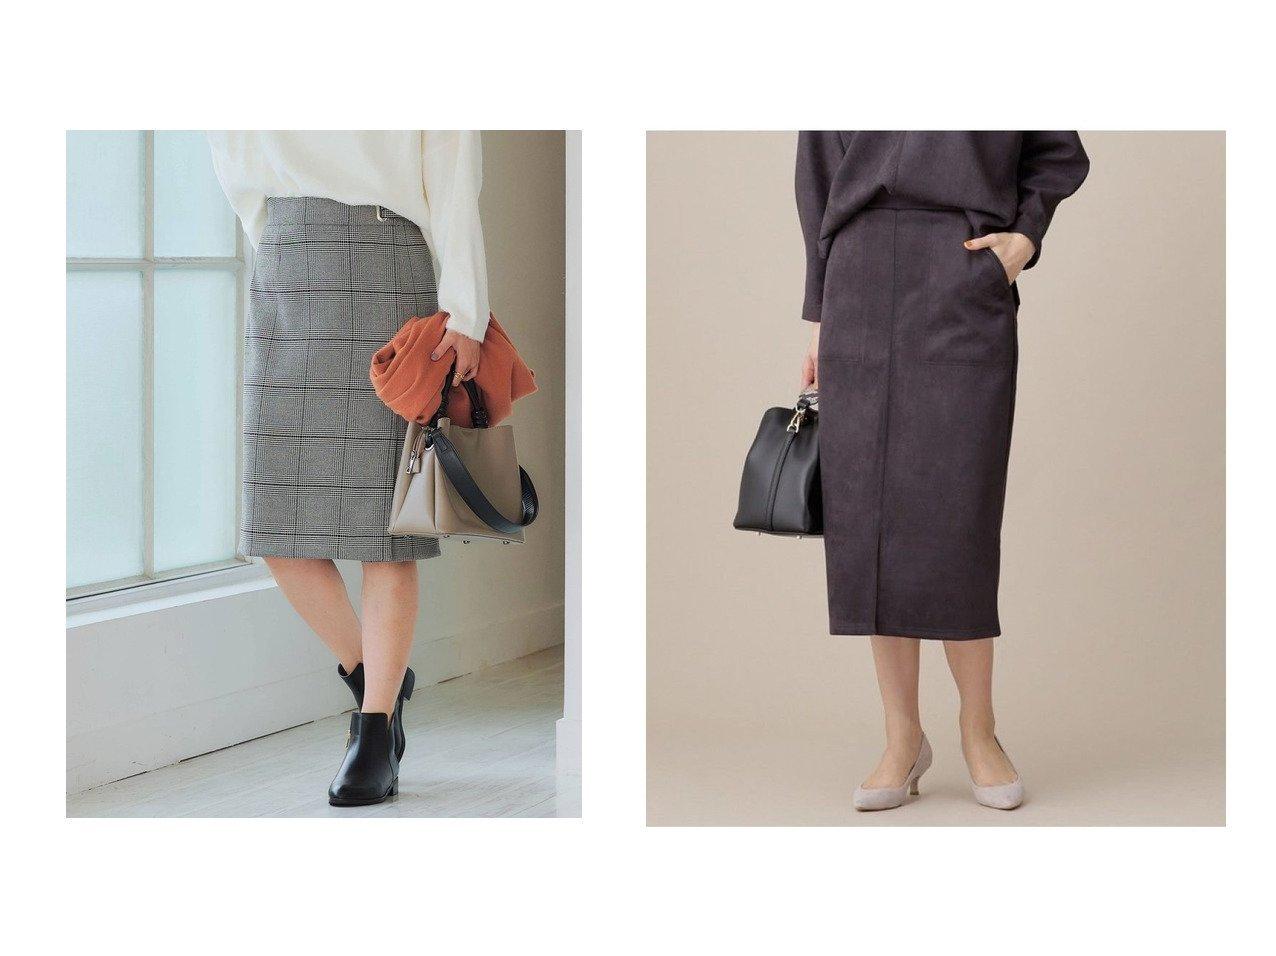 【nano universe/ナノ ユニバース】のカットスエードタイトスカート&【green label relaxing / UNITED ARROWS/グリーンレーベル リラクシング / ユナイテッドアローズ】のフェイス ラップ風 タイト スカート スカートのおすすめ!人気、レディースファッションの通販 おすすめで人気のファッション通販商品 インテリア・家具・キッズファッション・メンズファッション・レディースファッション・服の通販 founy(ファニー) https://founy.com/ ファッション Fashion レディース WOMEN スカート Skirt ショート タイトスカート フェイス メタル ラップ 定番 春 秋 ウォッシャブル シンプル スエード ストレッチ トレンド ポケット ワーク 秋冬 A/W Autumn/ Winter |ID:crp329100000002718